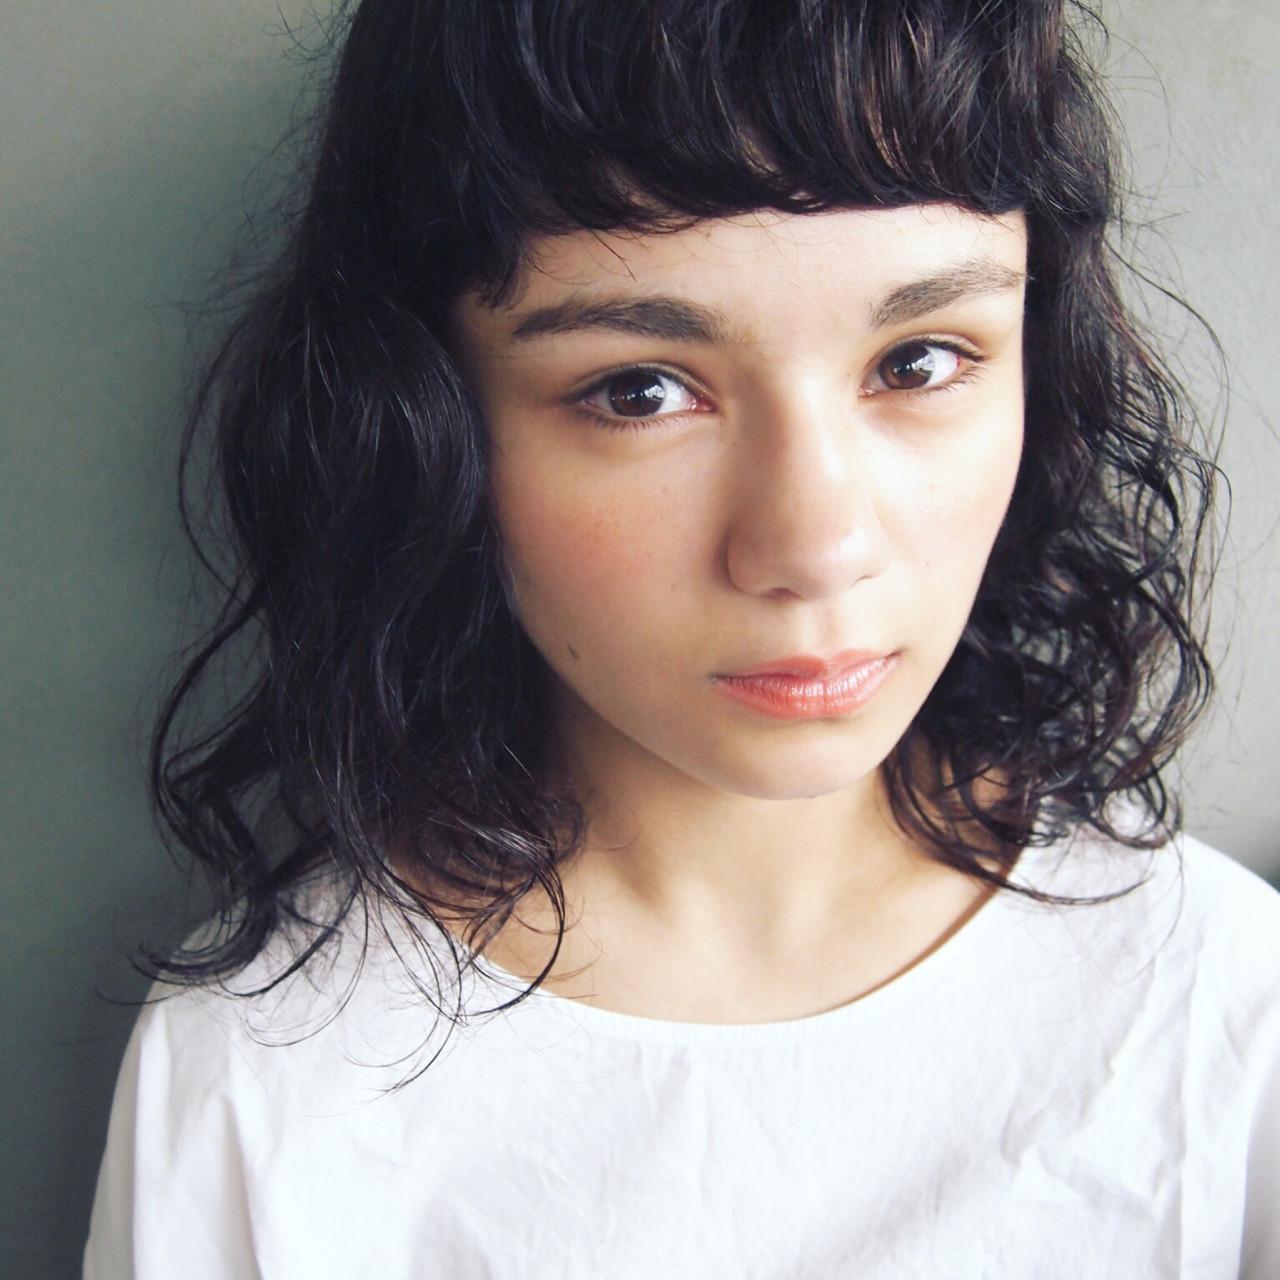 【スタイル特集】印象派美人になれる髪型=黒髪ショート×パーマスタイル? UEKI/nanuk